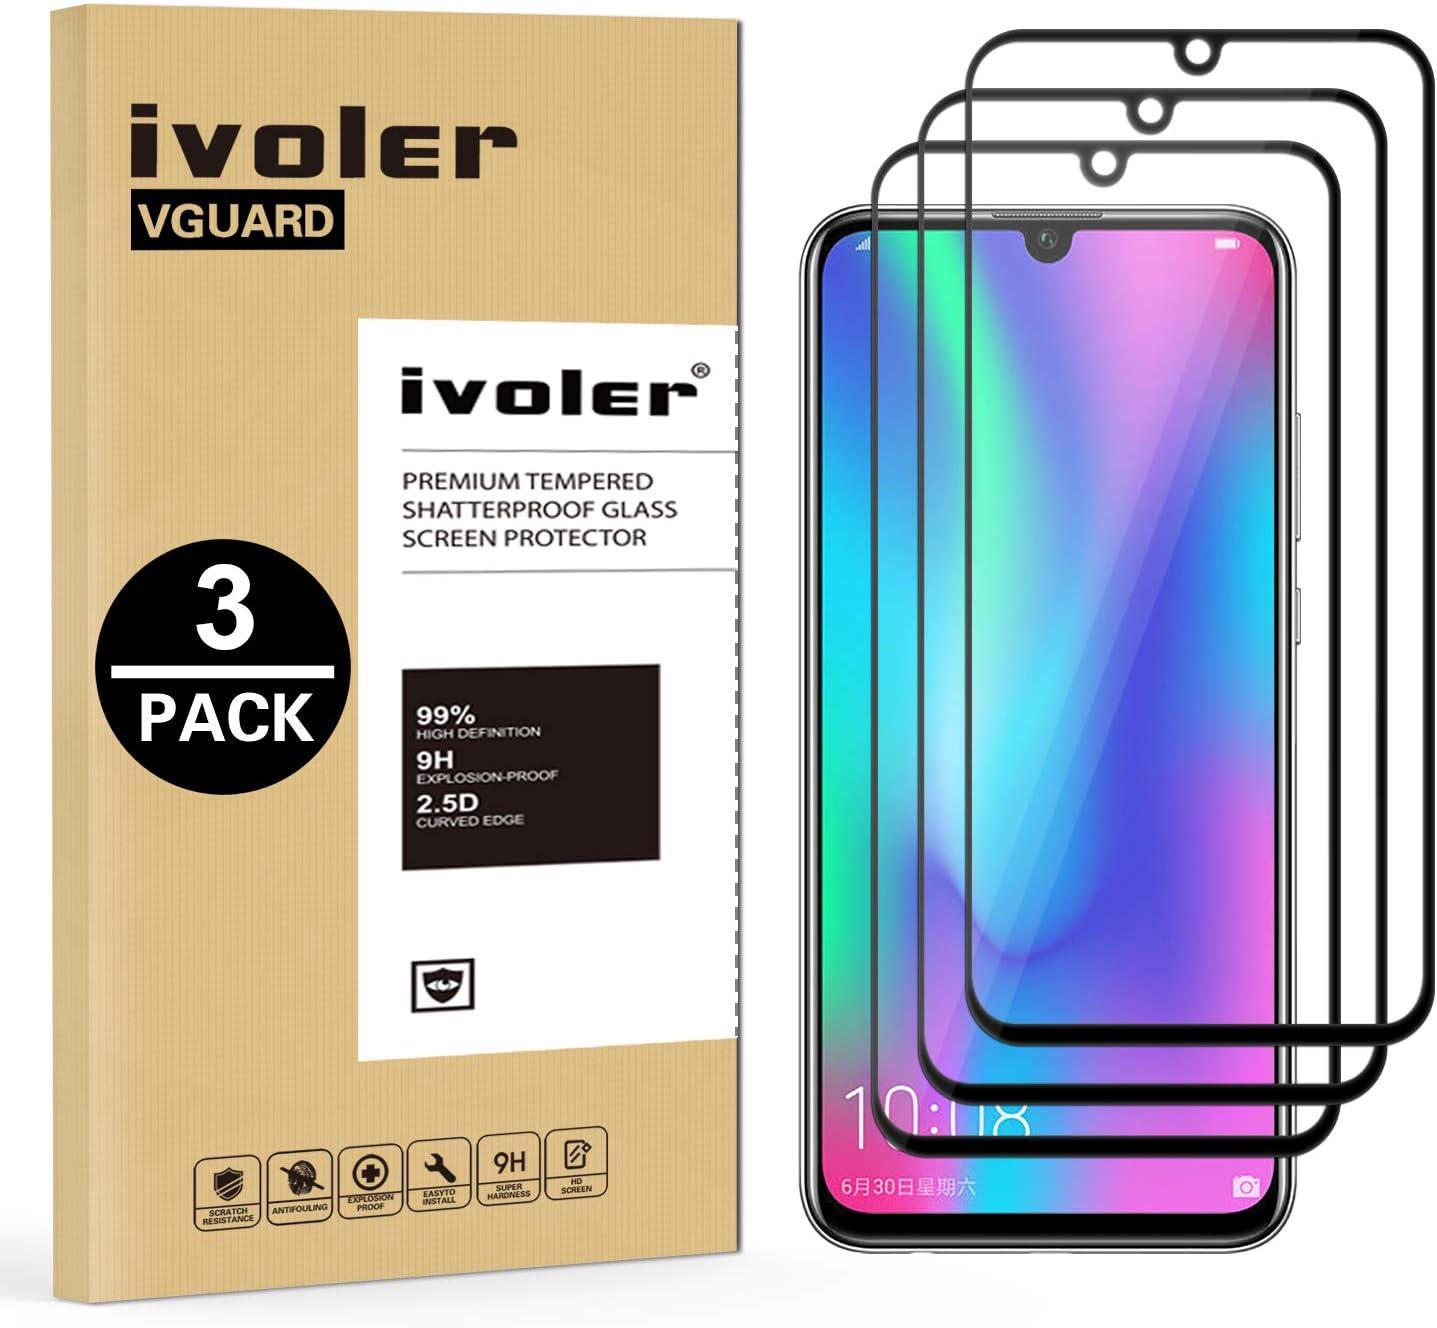 VGUARD 3 Unidades Protector de Pantalla para Honor 20e / Honor 20 Lite/Honor 10 Lite/Huawei P Smart Plus 2019 / Huawei P Smart 2019/2020, [Cobertura Completa] Cristal Vidrio Templado Premium